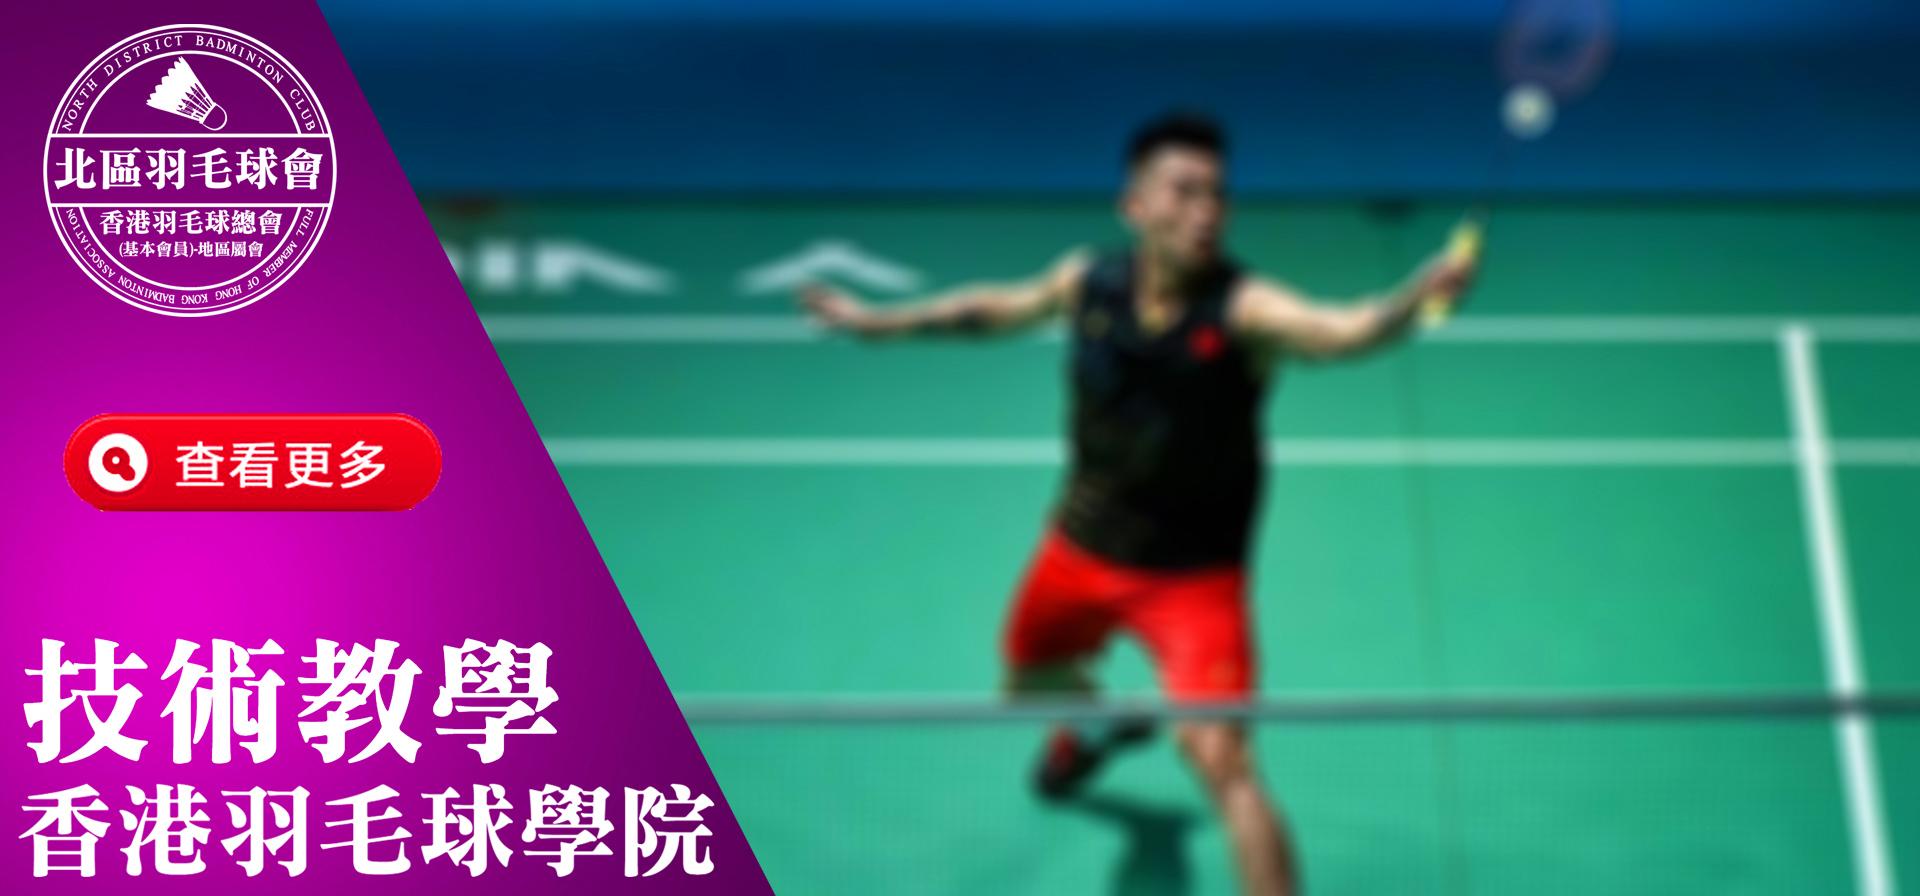 羽毛球技術,badmintonskills,hongkongbadminton,羽毛球訓練,香港羽毛球總會註冊教練,羽毛球教練,badmintoncoach,林丹,李宗偉,lindan,leechongwei,北區羽毛球,上水羽毛球